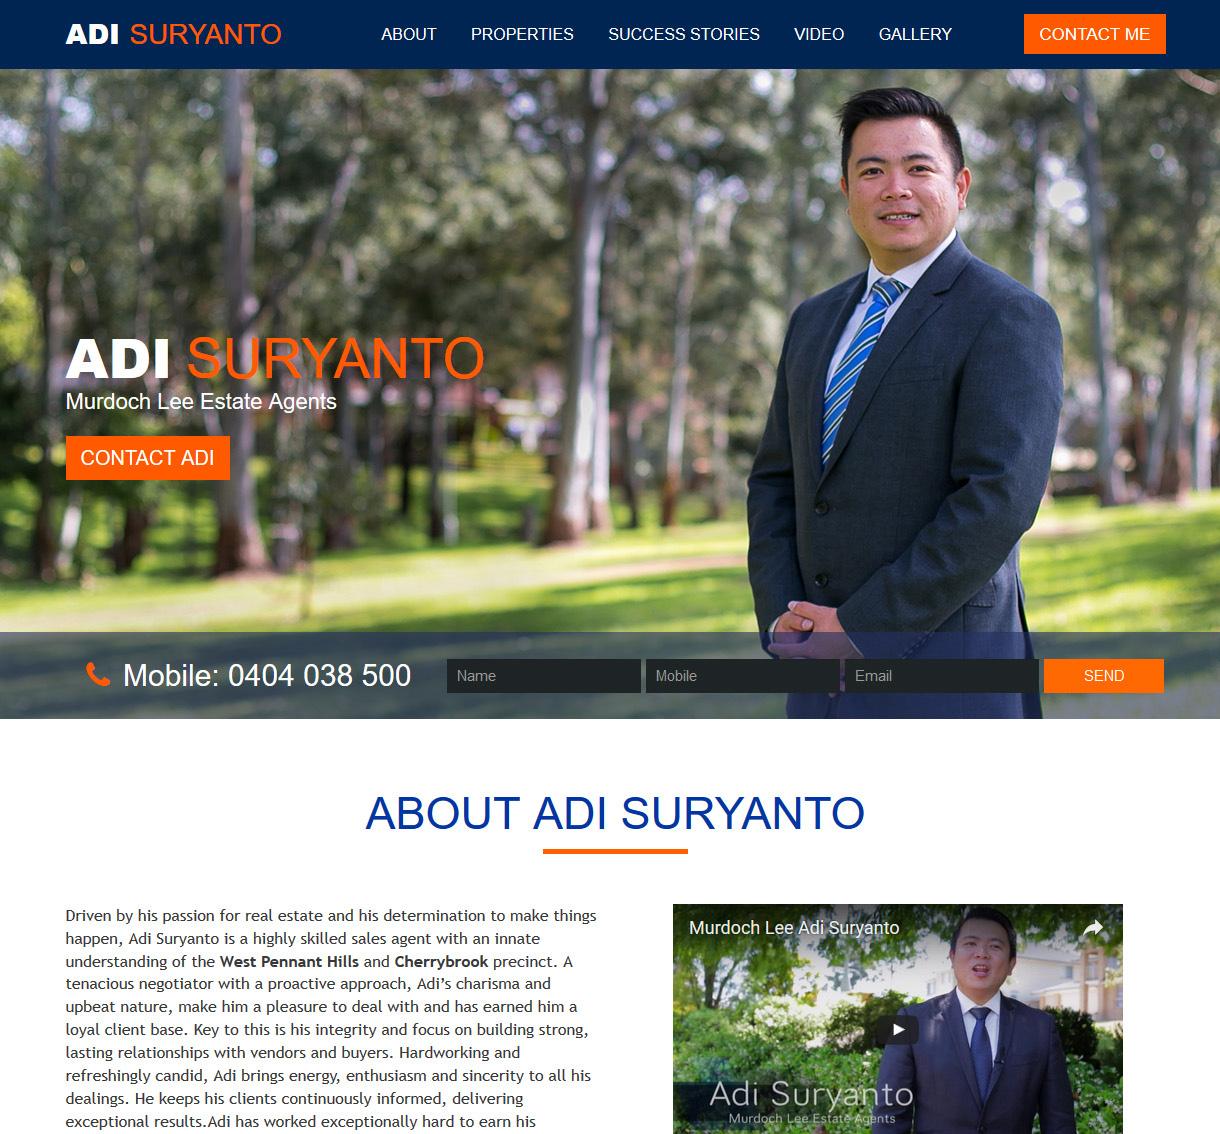 adisuryanto.com.au